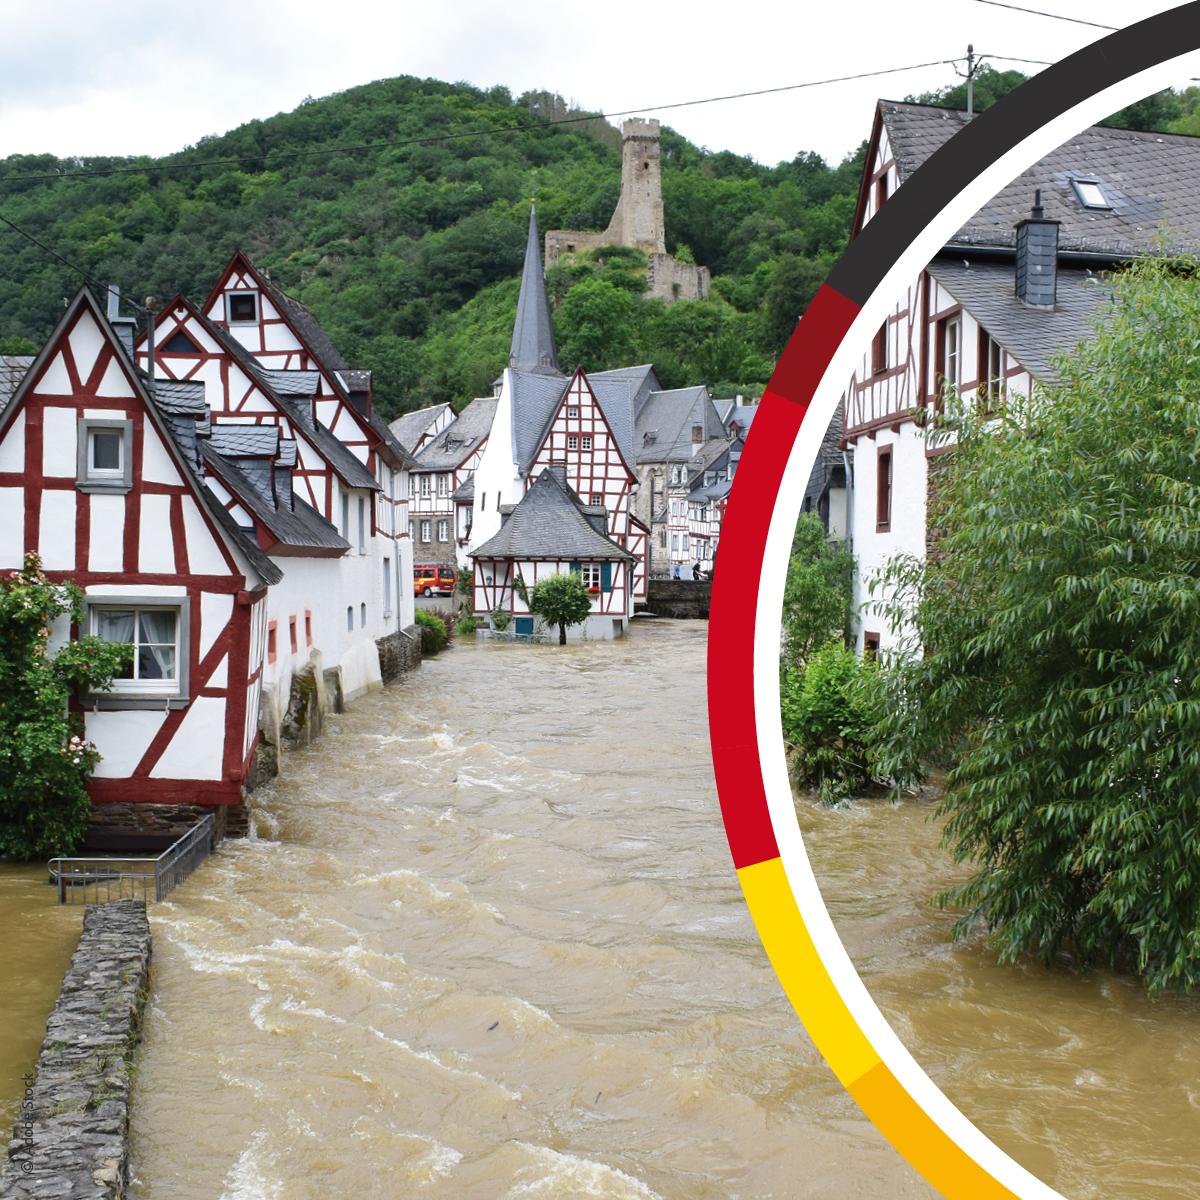 21kw33_Hochwasser